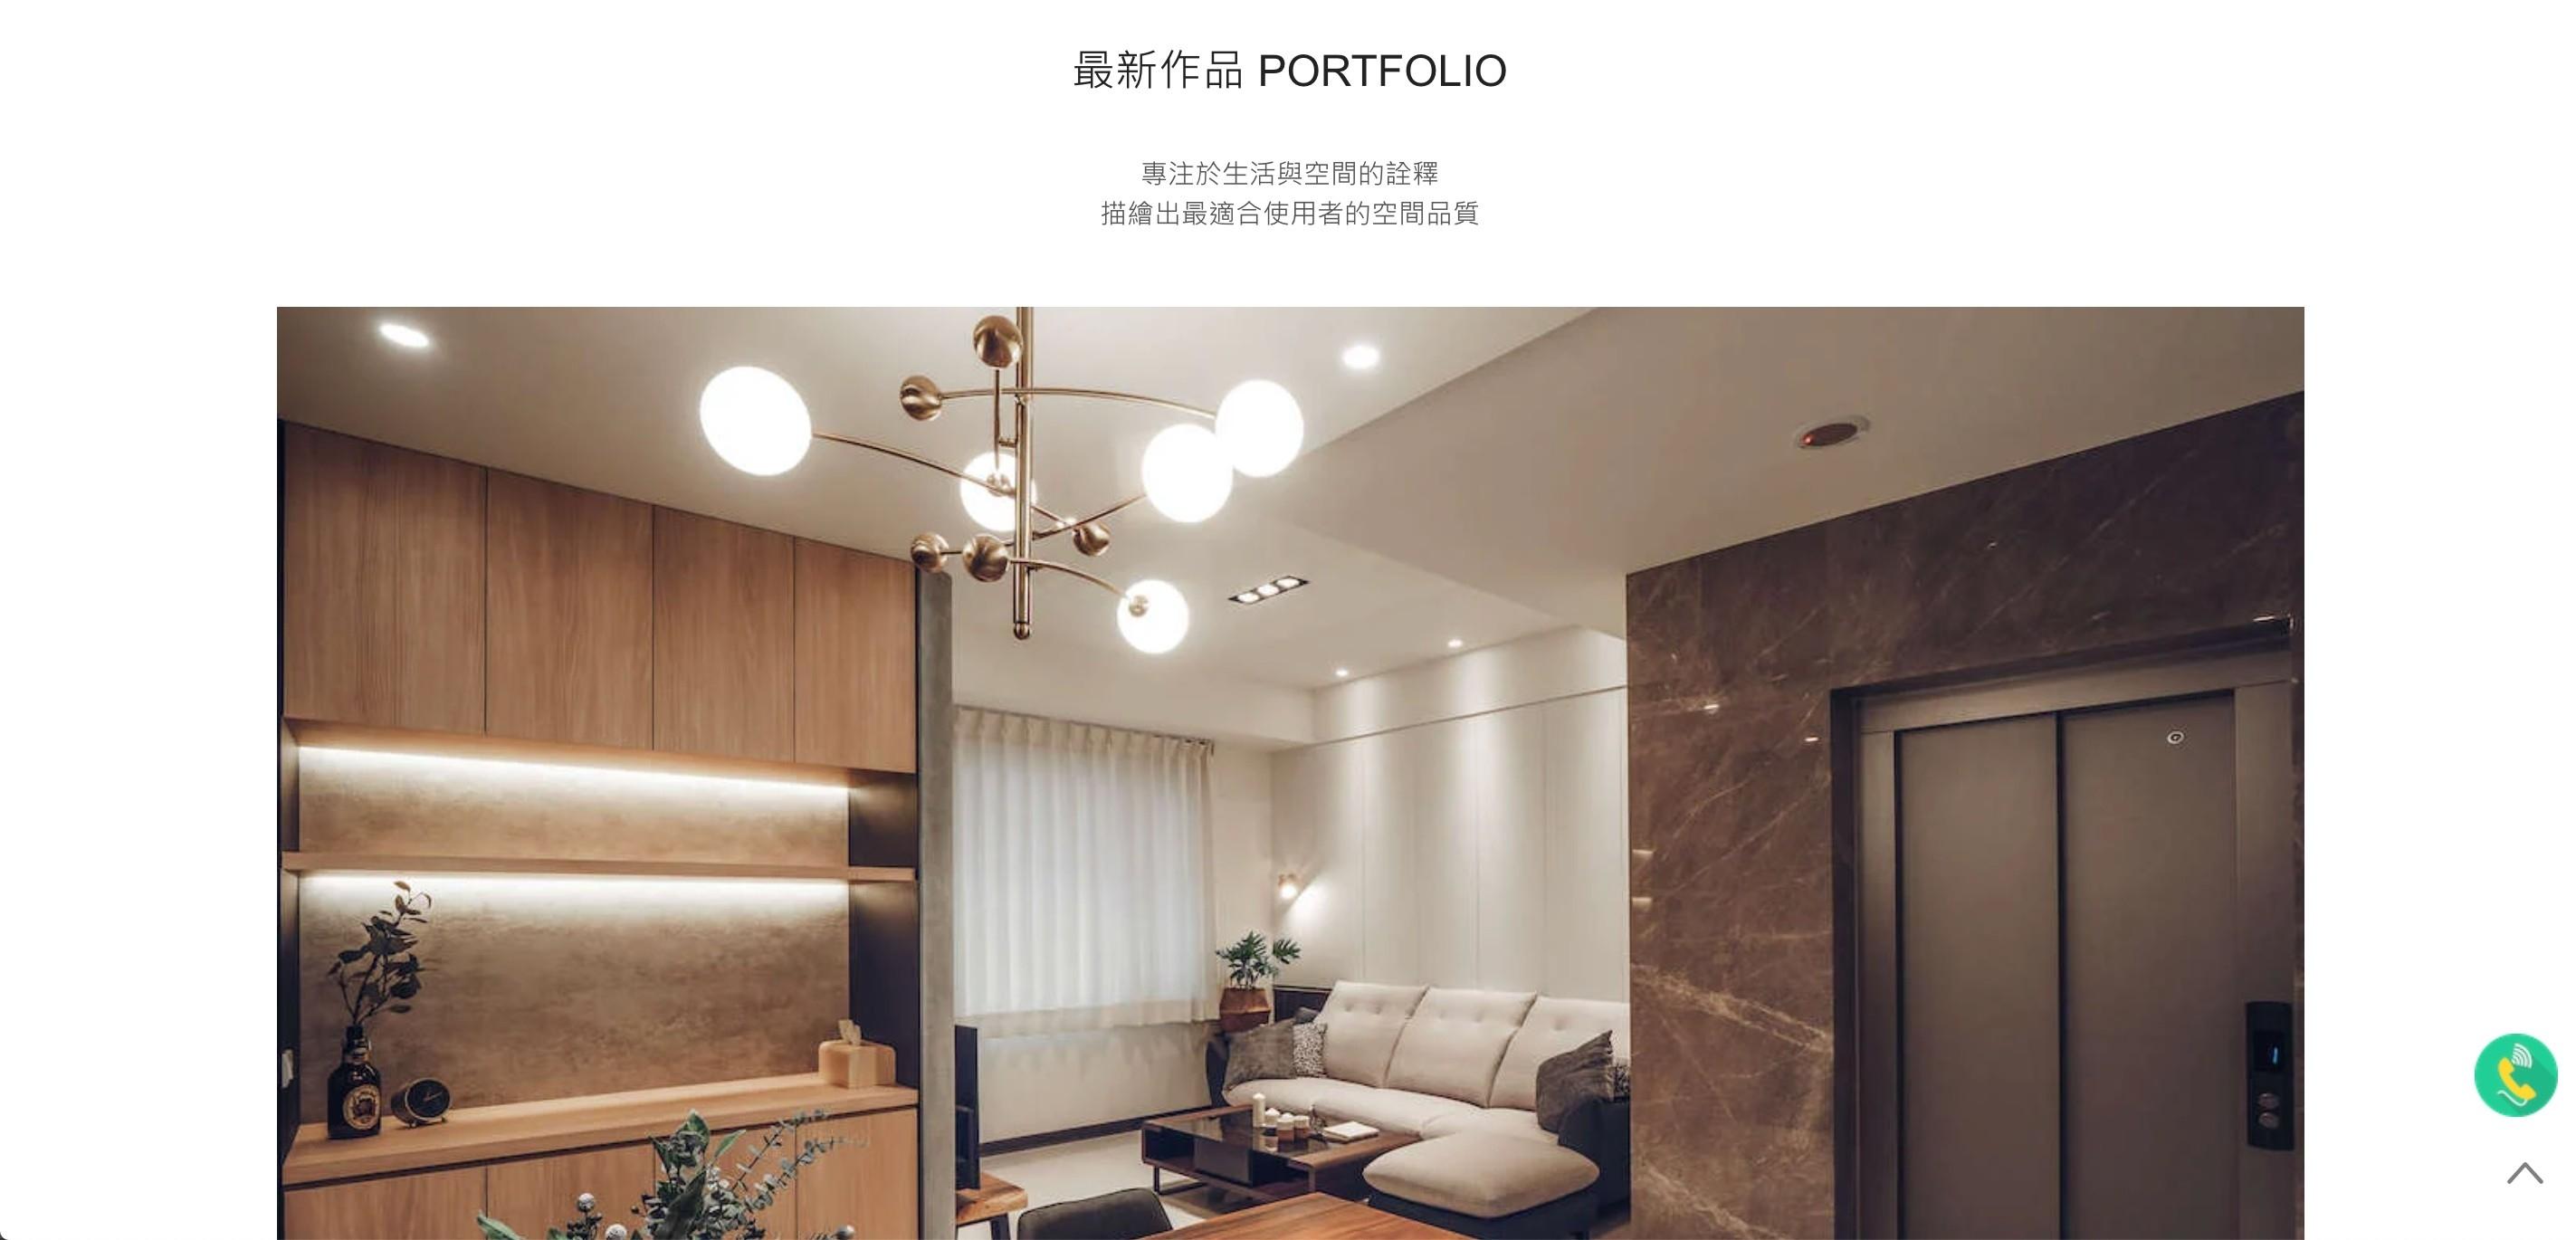 嘉義SEO優化網頁設計案例-最新作品|小福砌空間設計、嘉義市內設計推薦